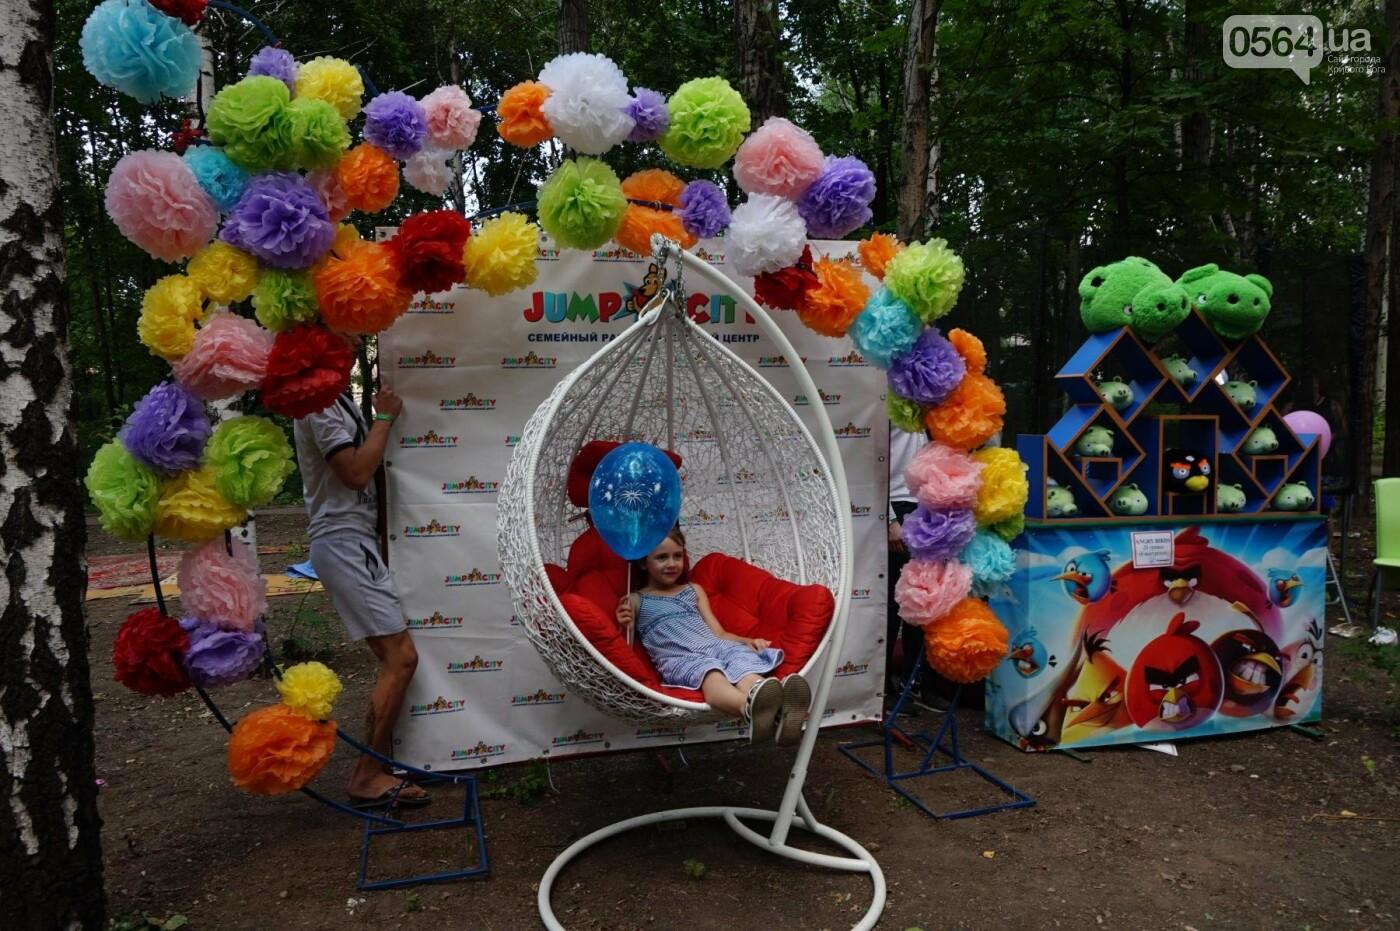 """Криворожане культурно отдыхают на фестивале искусства и еды """"Артишок"""", - ФОТО, ВИДЕО, фото-144"""